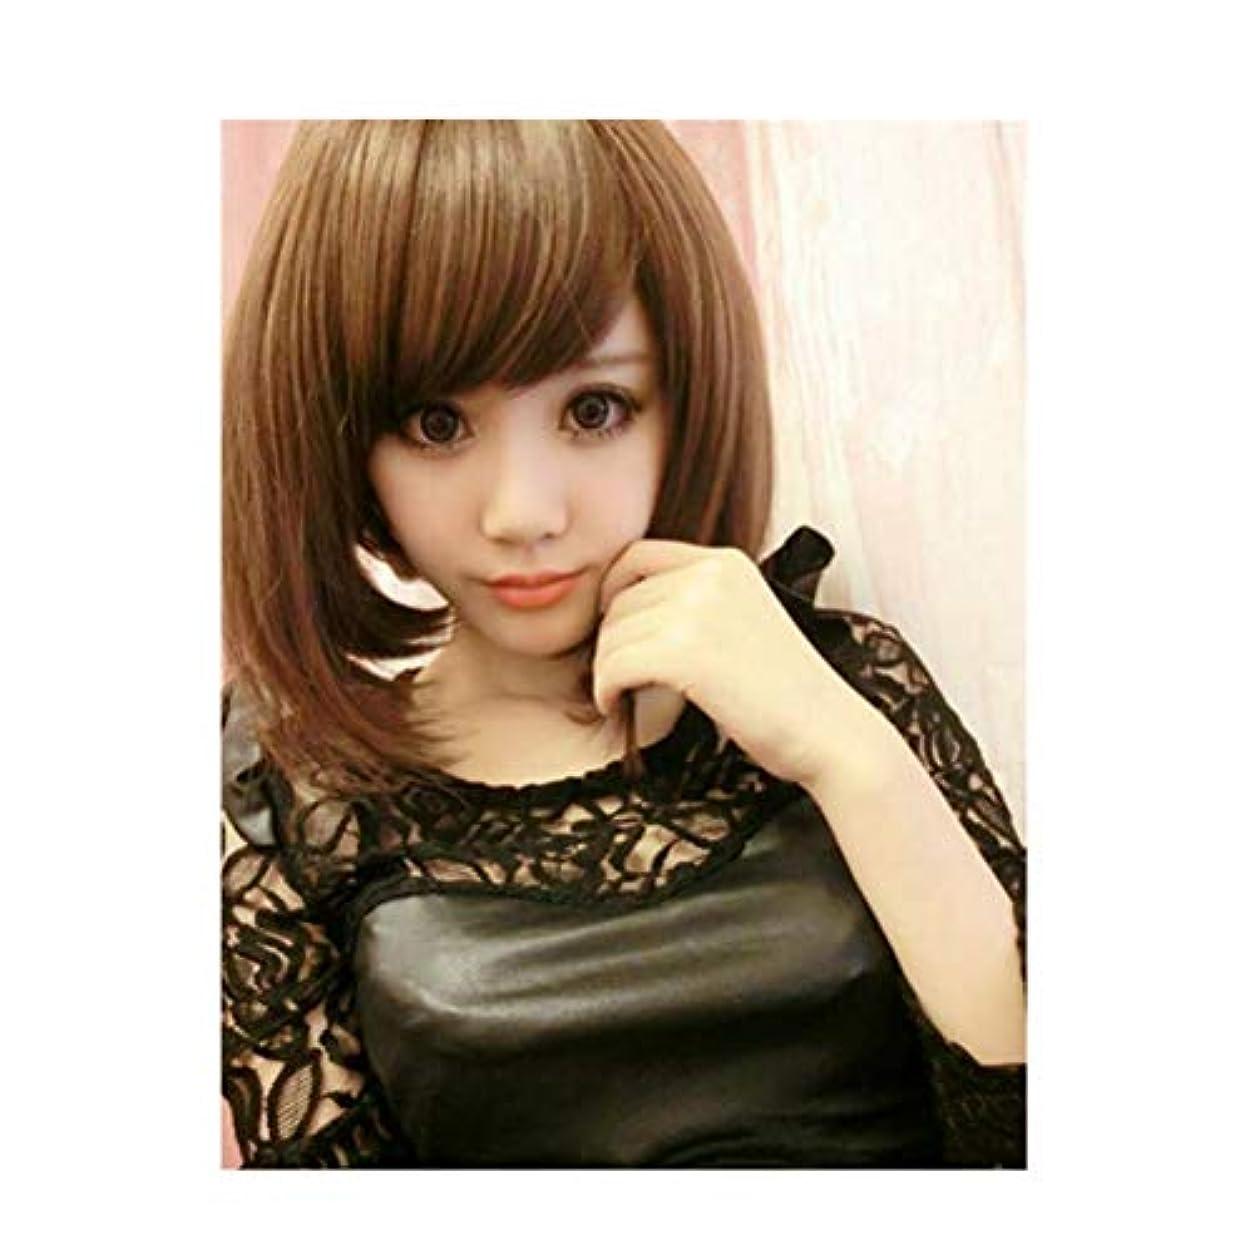 アーティファクトそれタイヤかつら女性の茶色の斜め前髪化学繊維ショートヘア高温ワイヤーLH2201 (ライトブラウン)